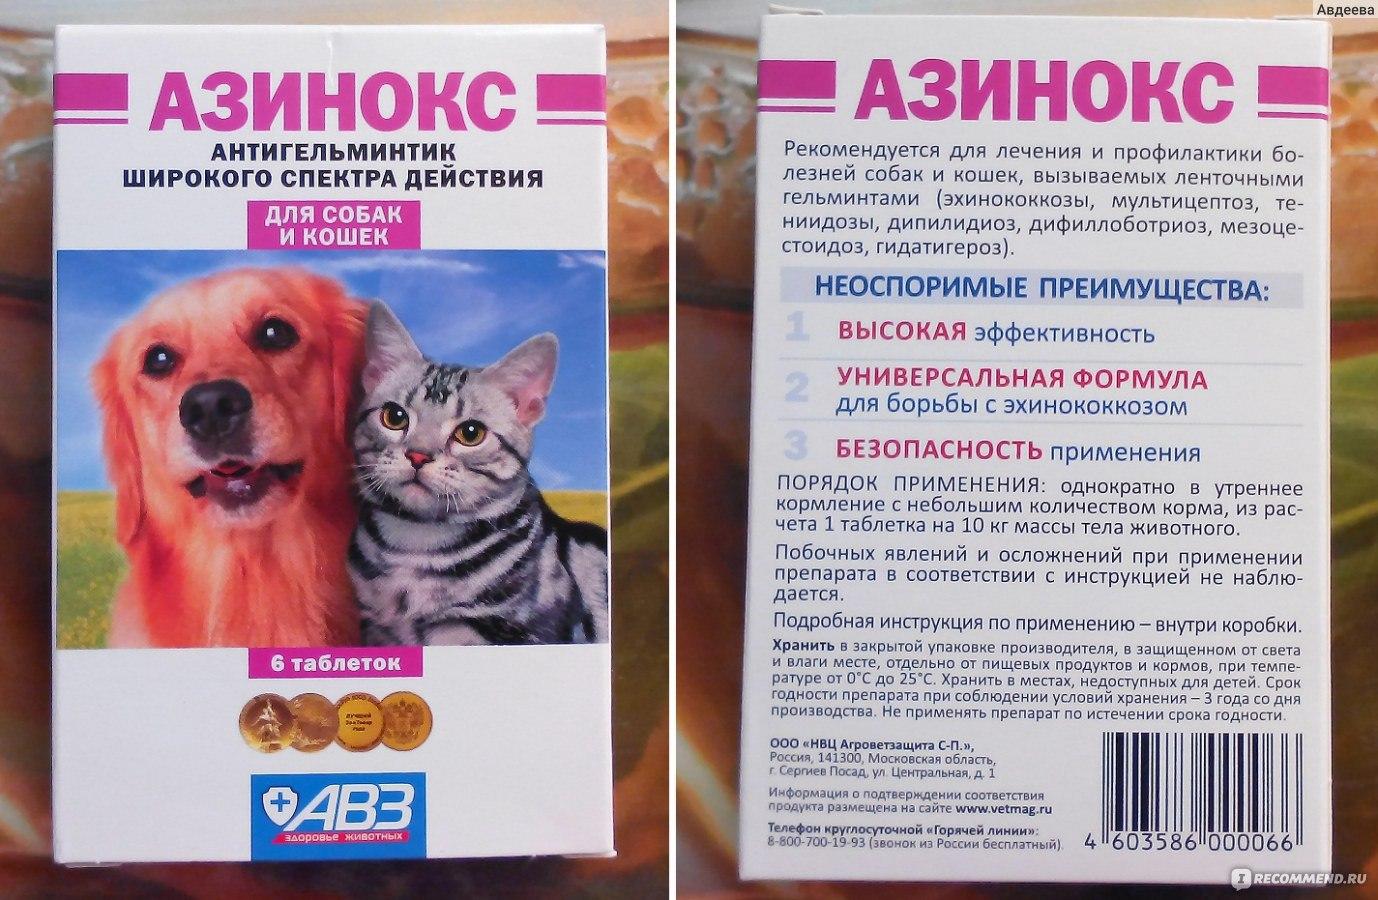 Чем лечат собаку от глистов в домашних условиях